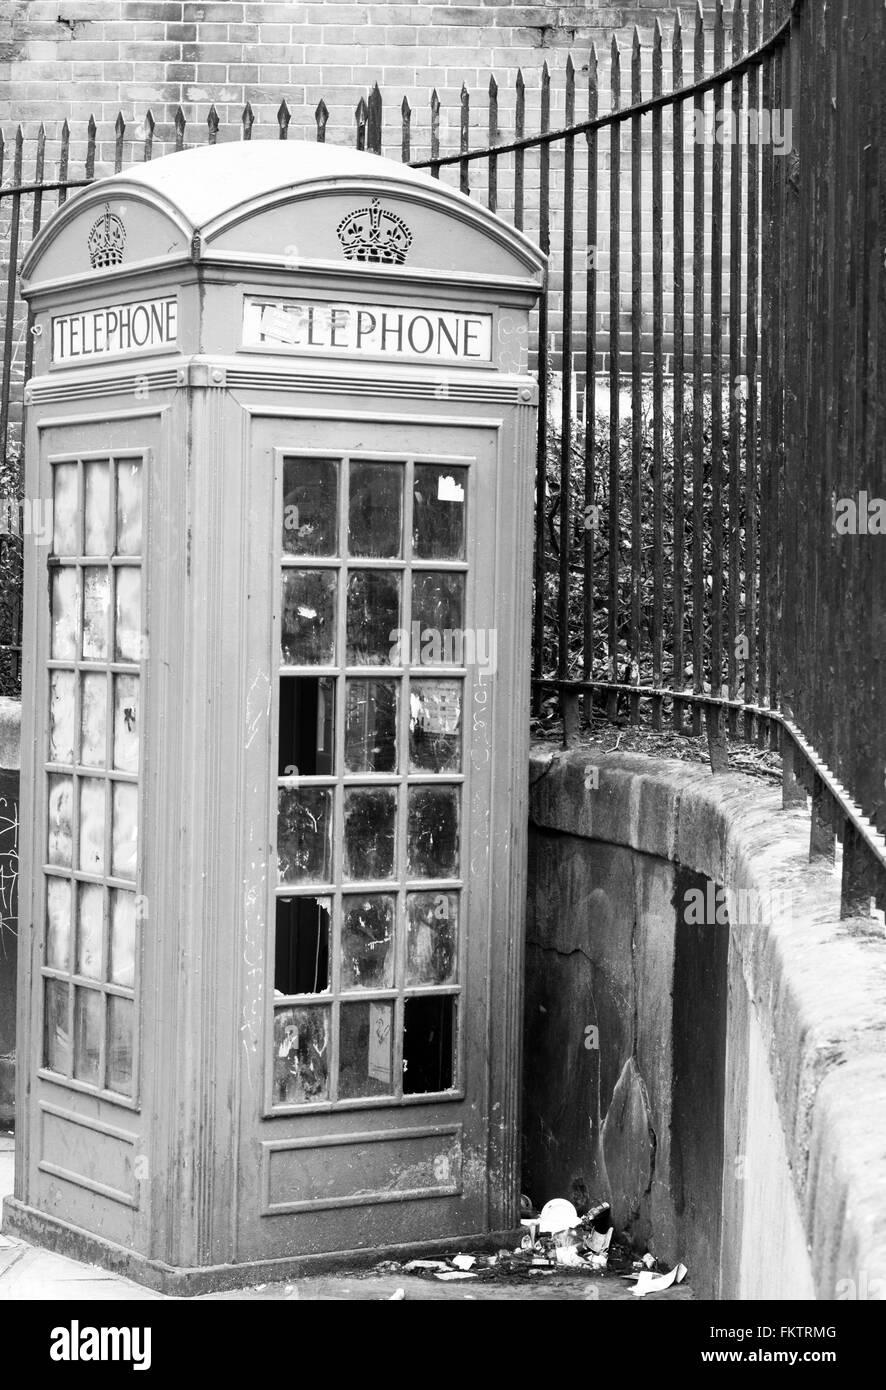 Vandalised telephone box, Central London, UK - Stock Image